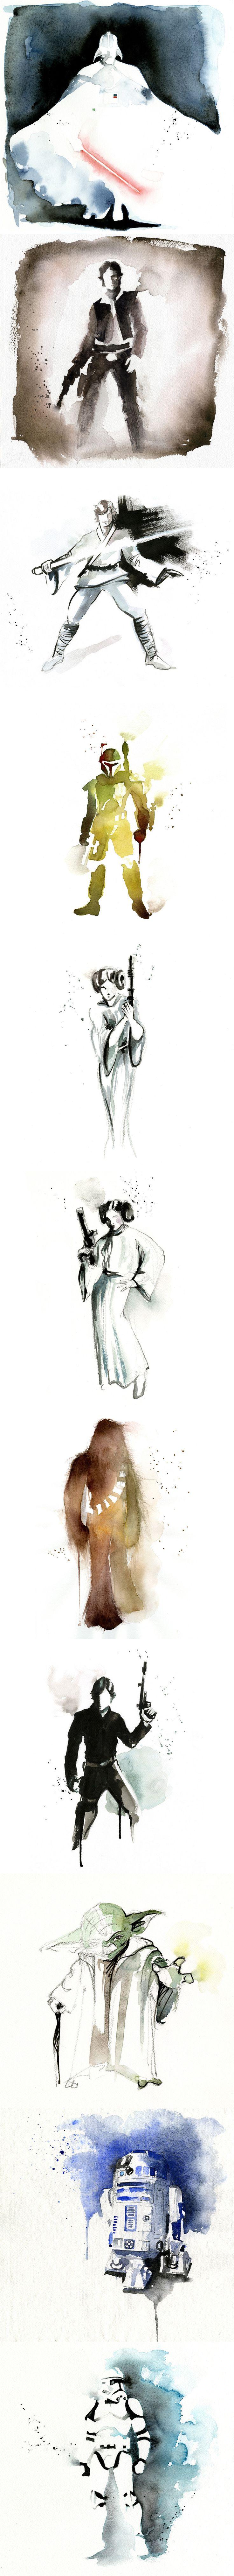 Minimalist Star Wars watercolors by Blule.